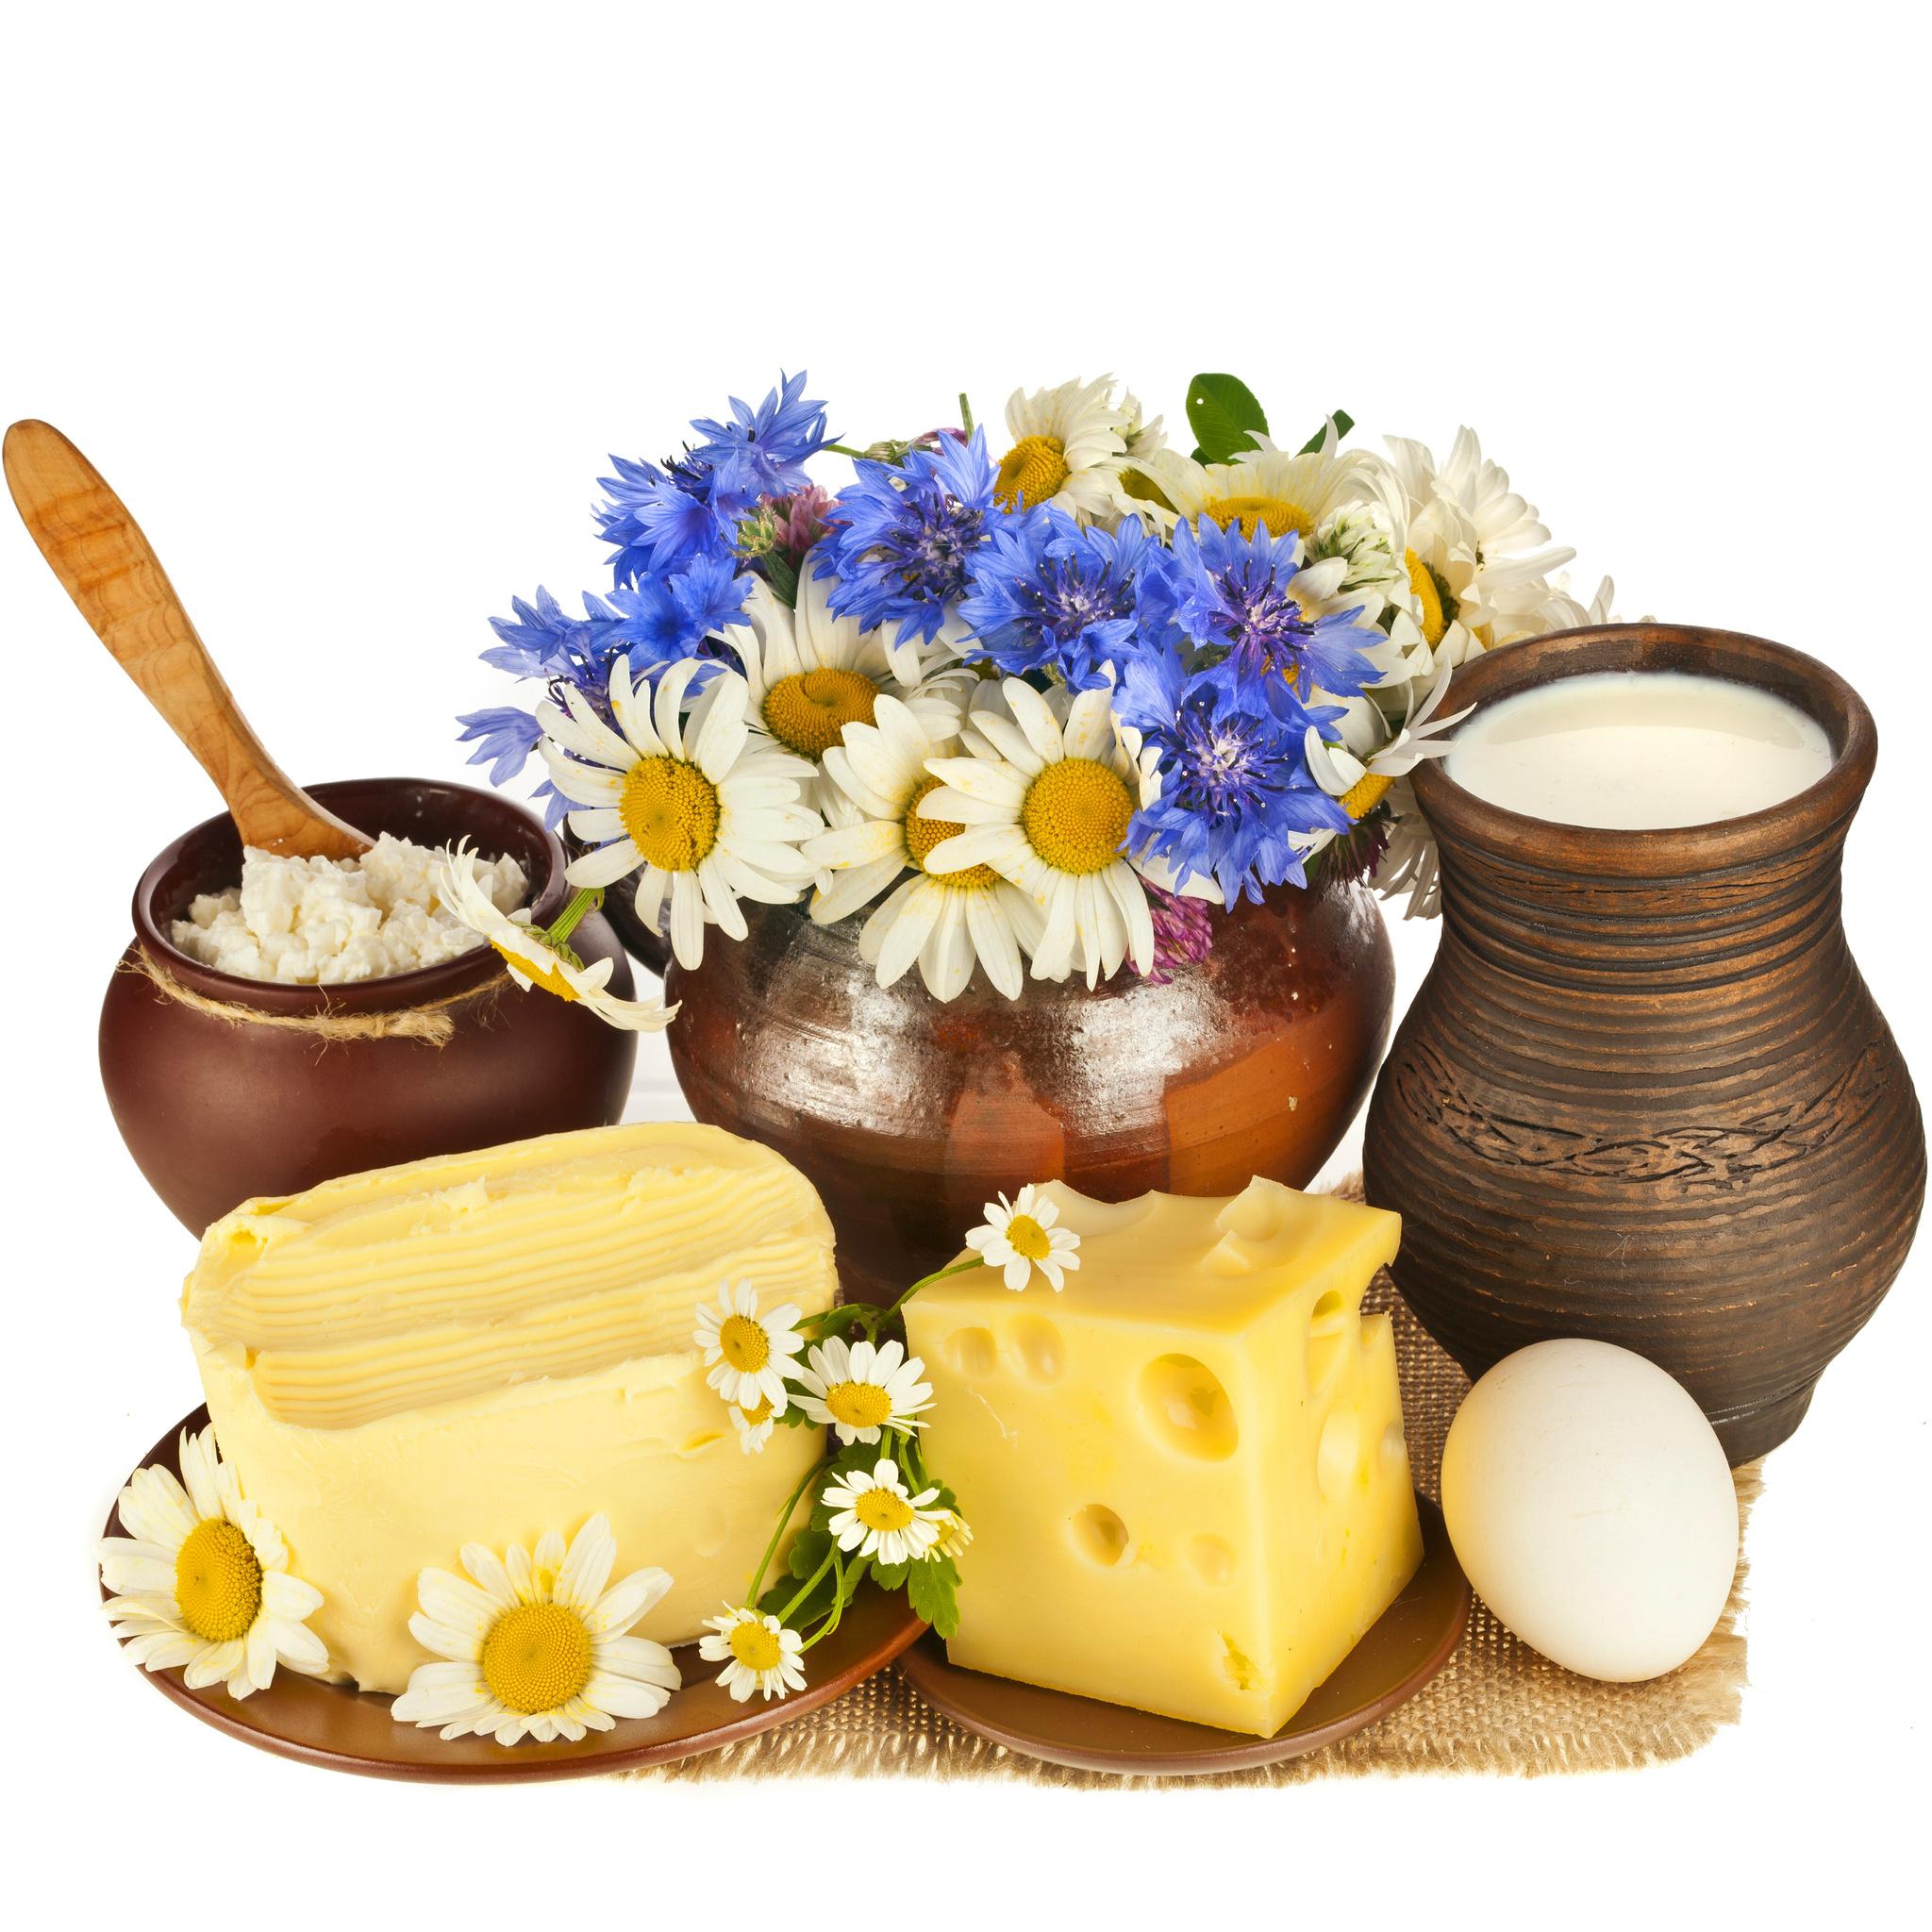 Zuivel, kaas & eieren